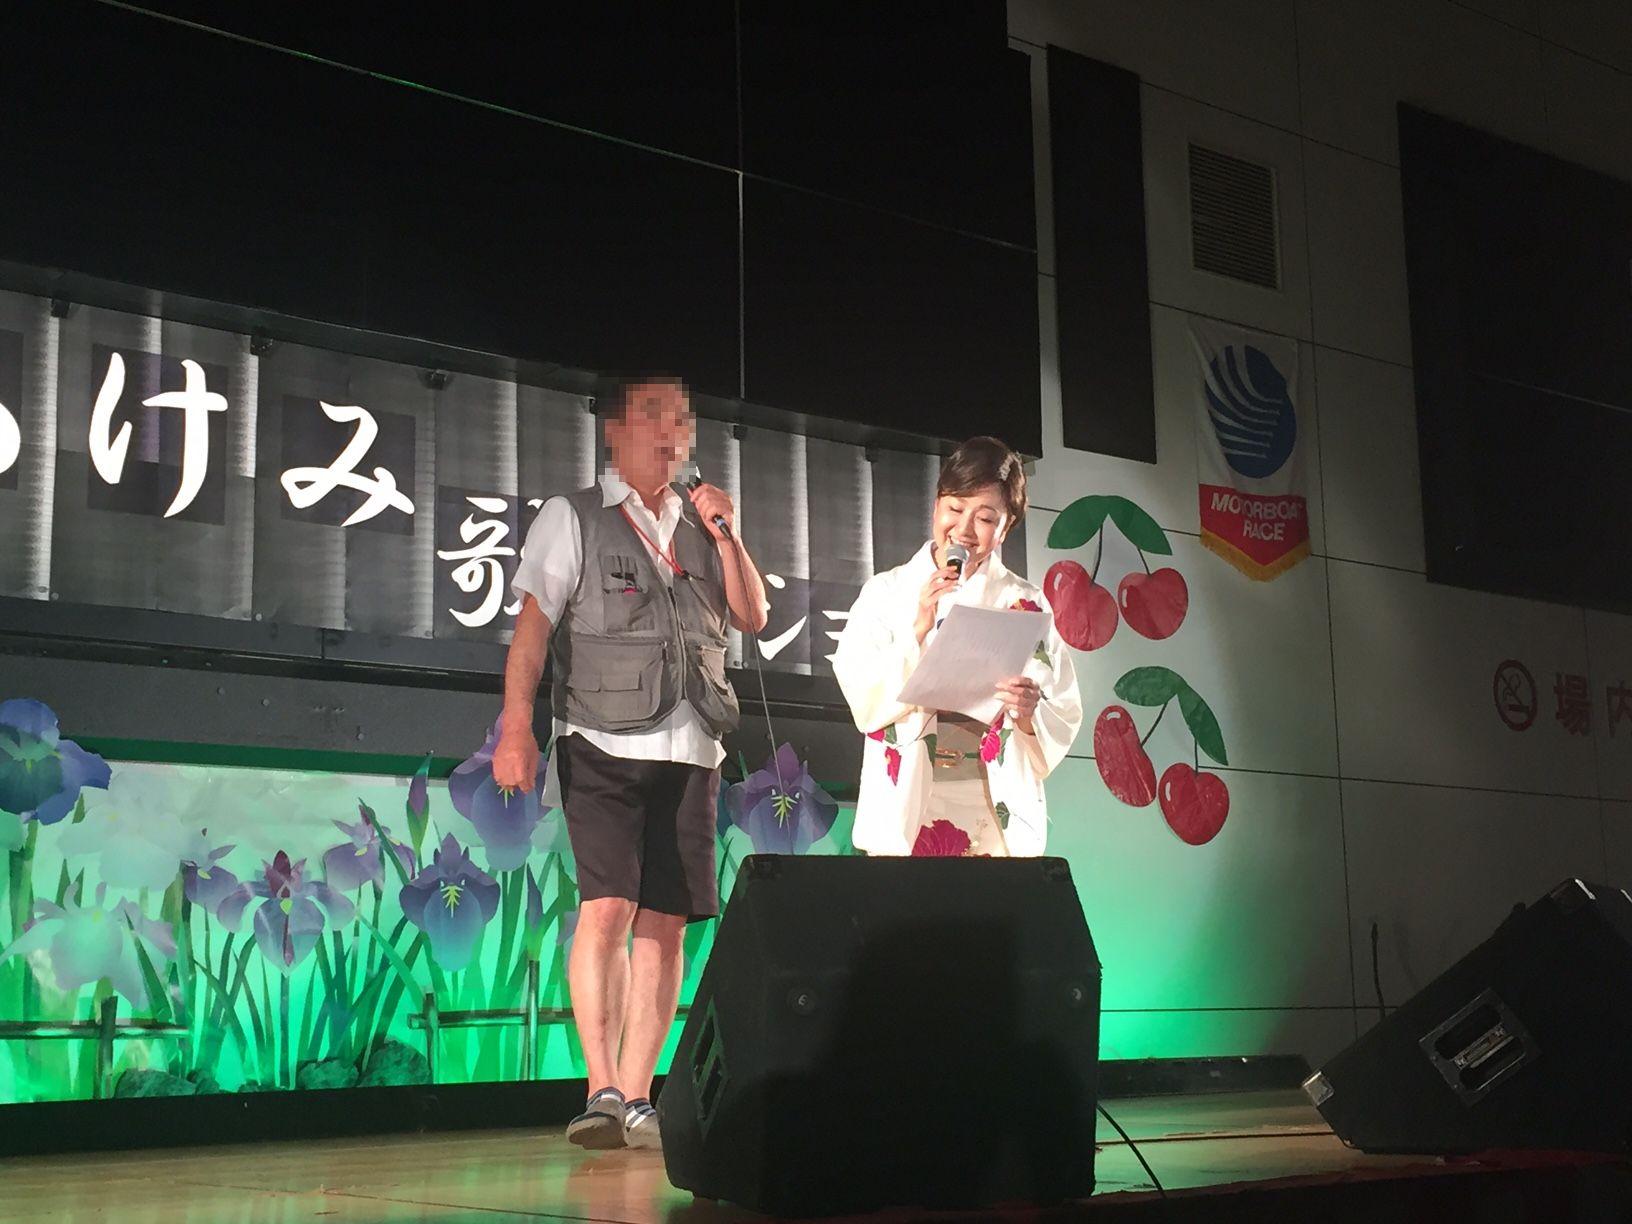 三沢あけみさん歌謡ショー3